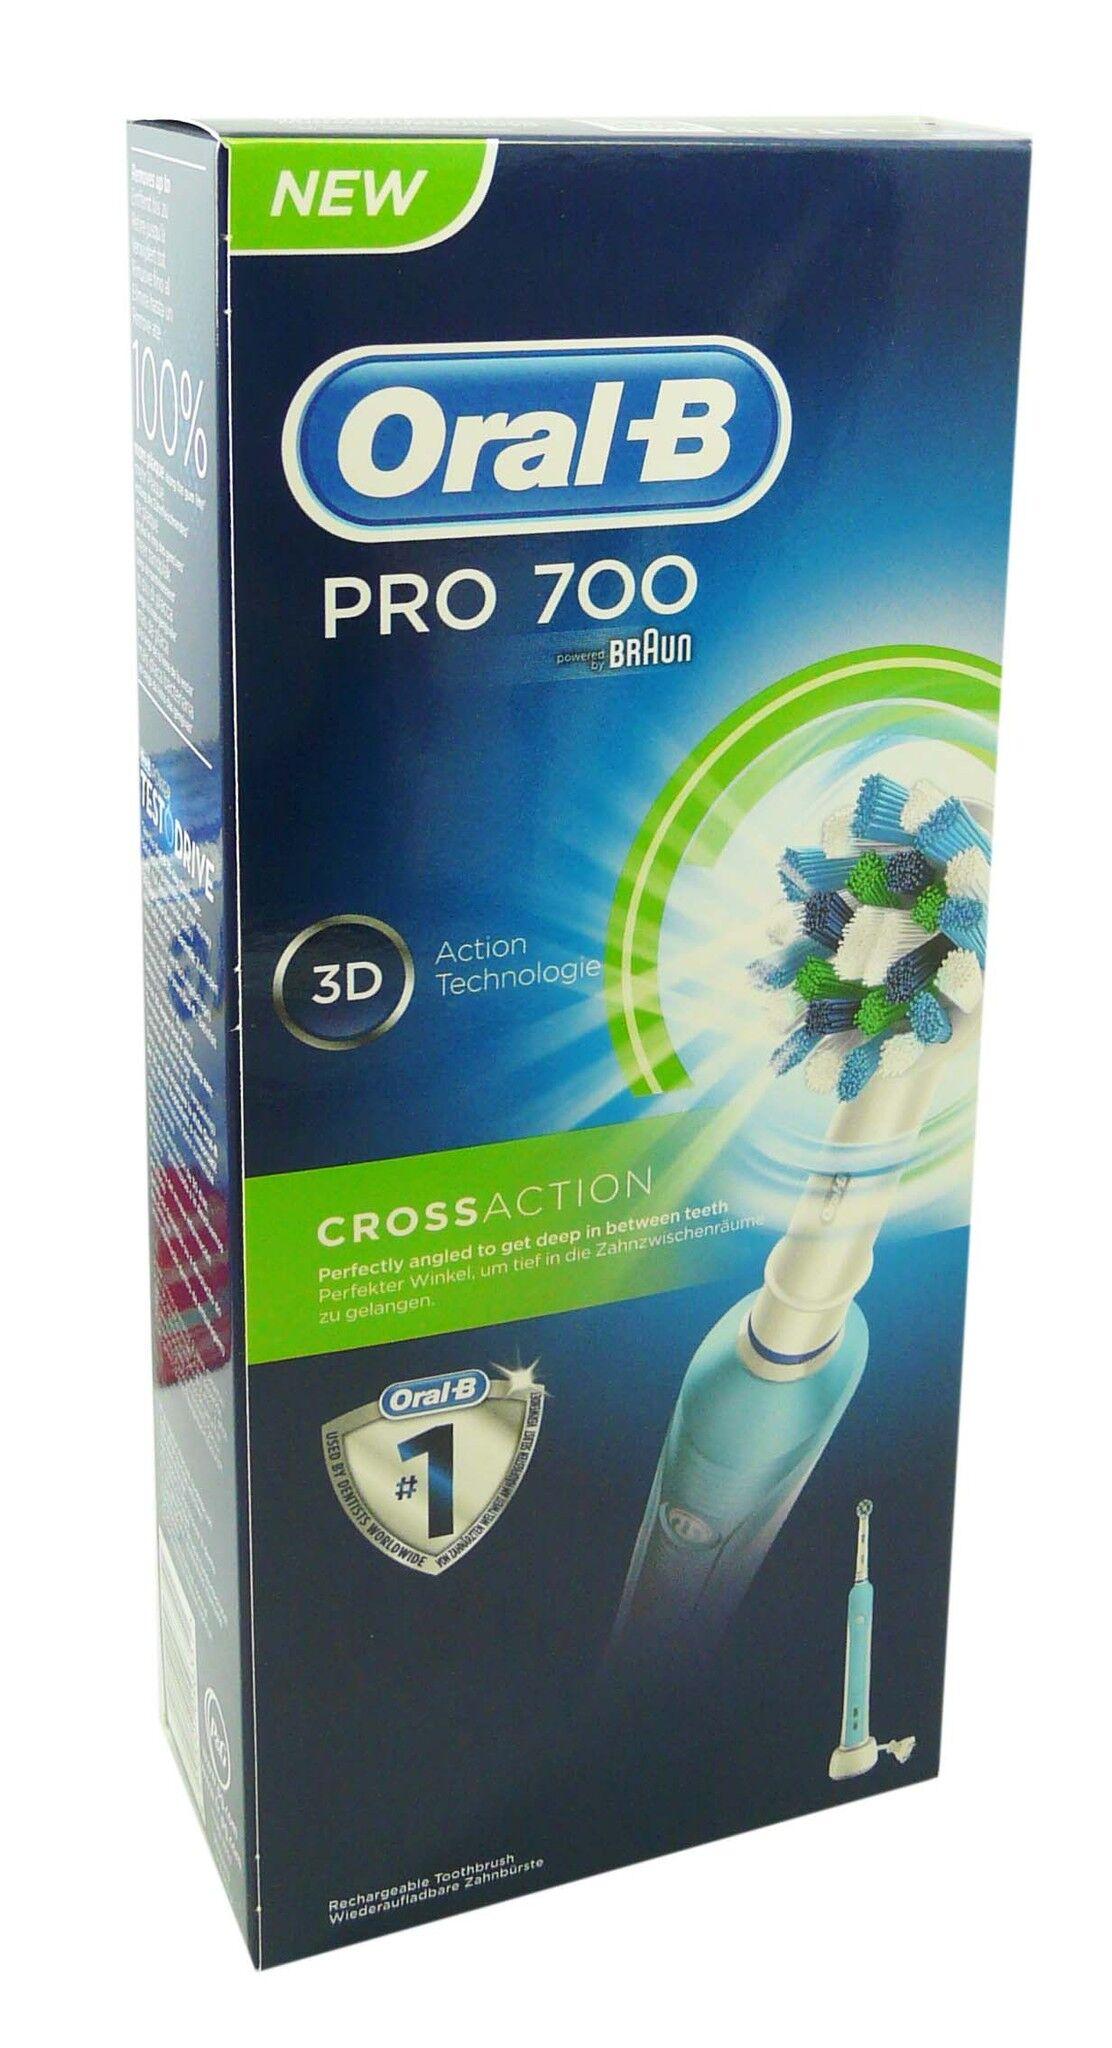 Oral b brosse a dent electrique pro 700 cross action